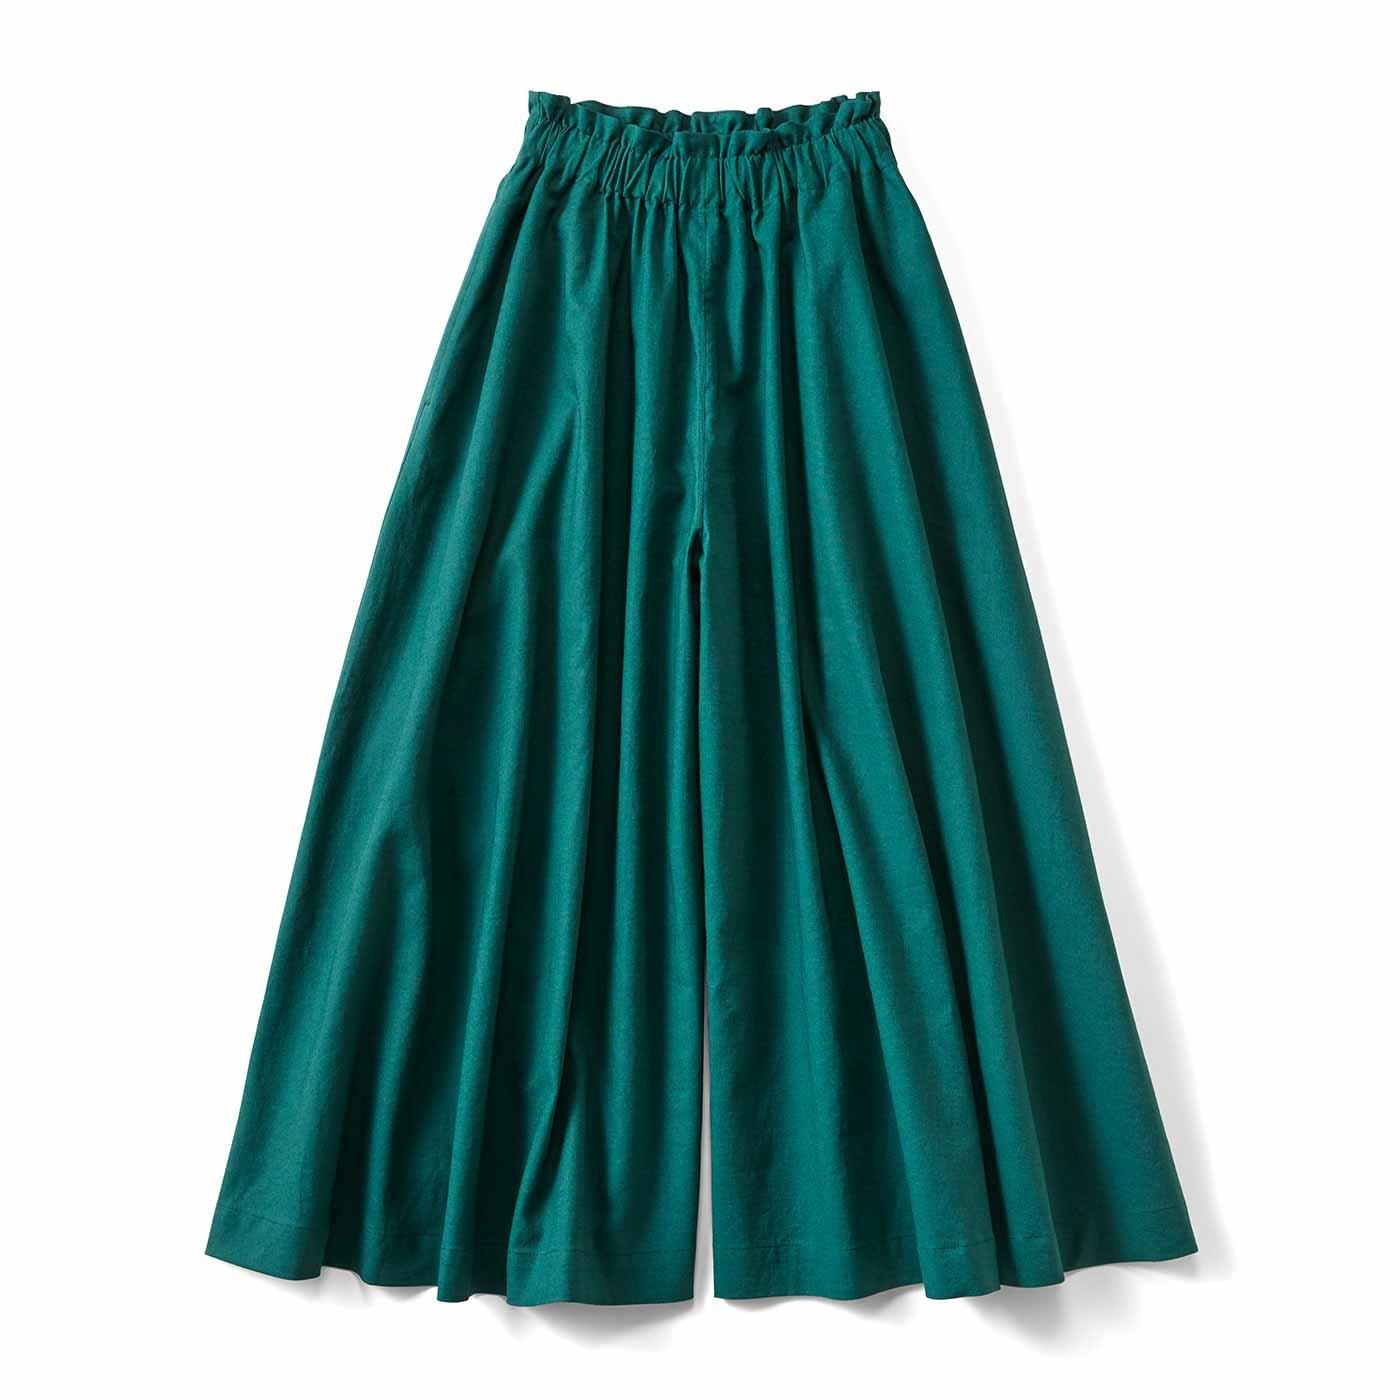 【3~10日でお届け】スカートみたいな ちょい厚コットンリネンのボリュームガウチョパンツ〈フォレストグリーン〉